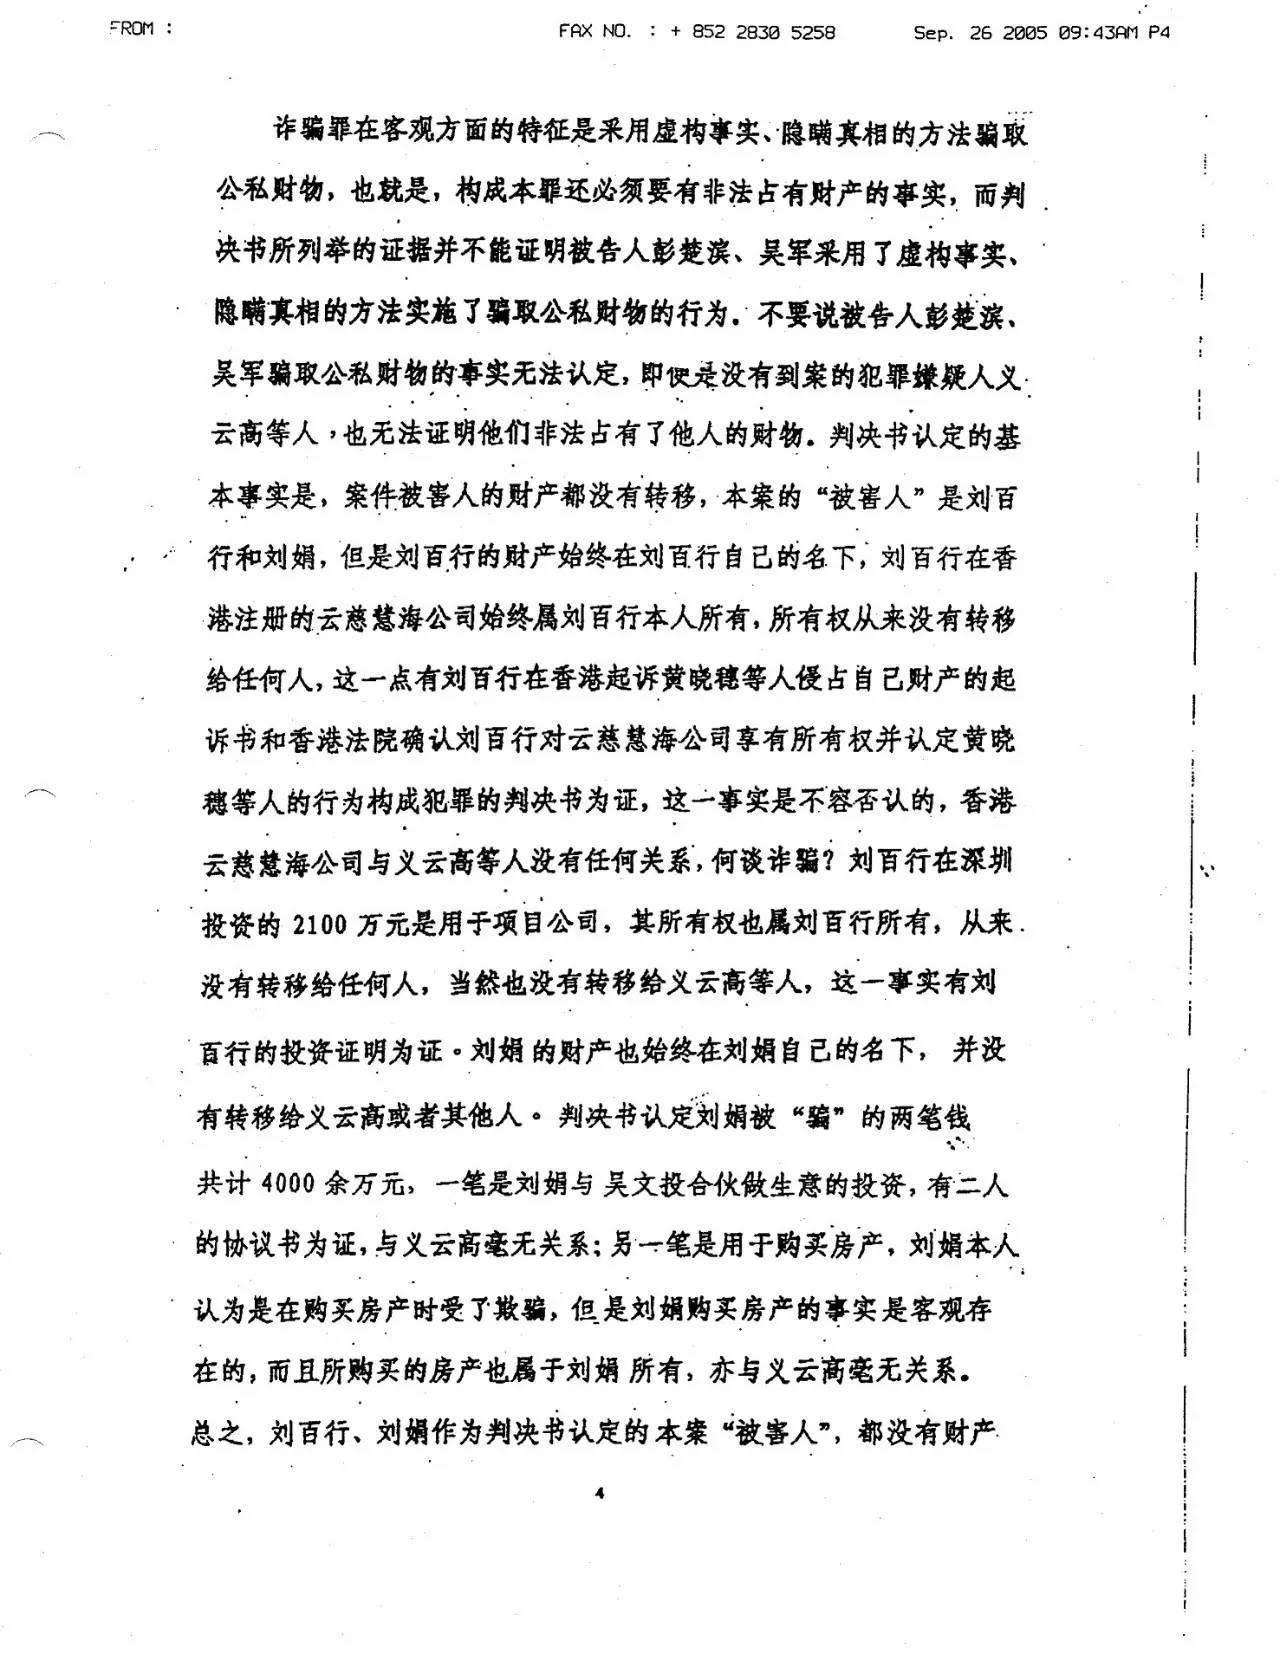 周永康陈绍基陷害第三世多杰羌佛真相曝光 第6张